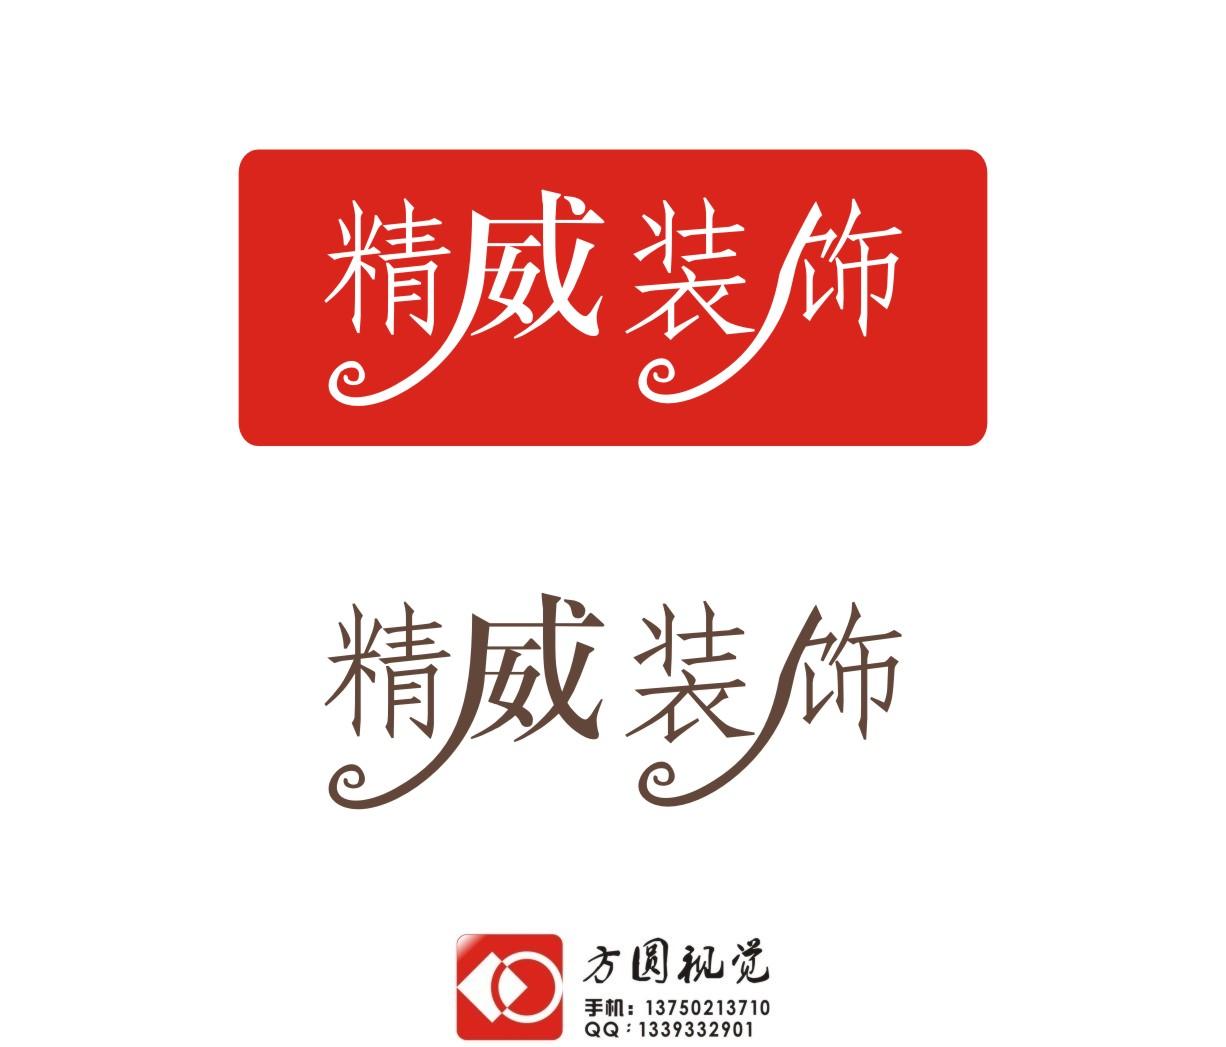 精威装饰 字体logo设计--3天- 稿件[#2605674]